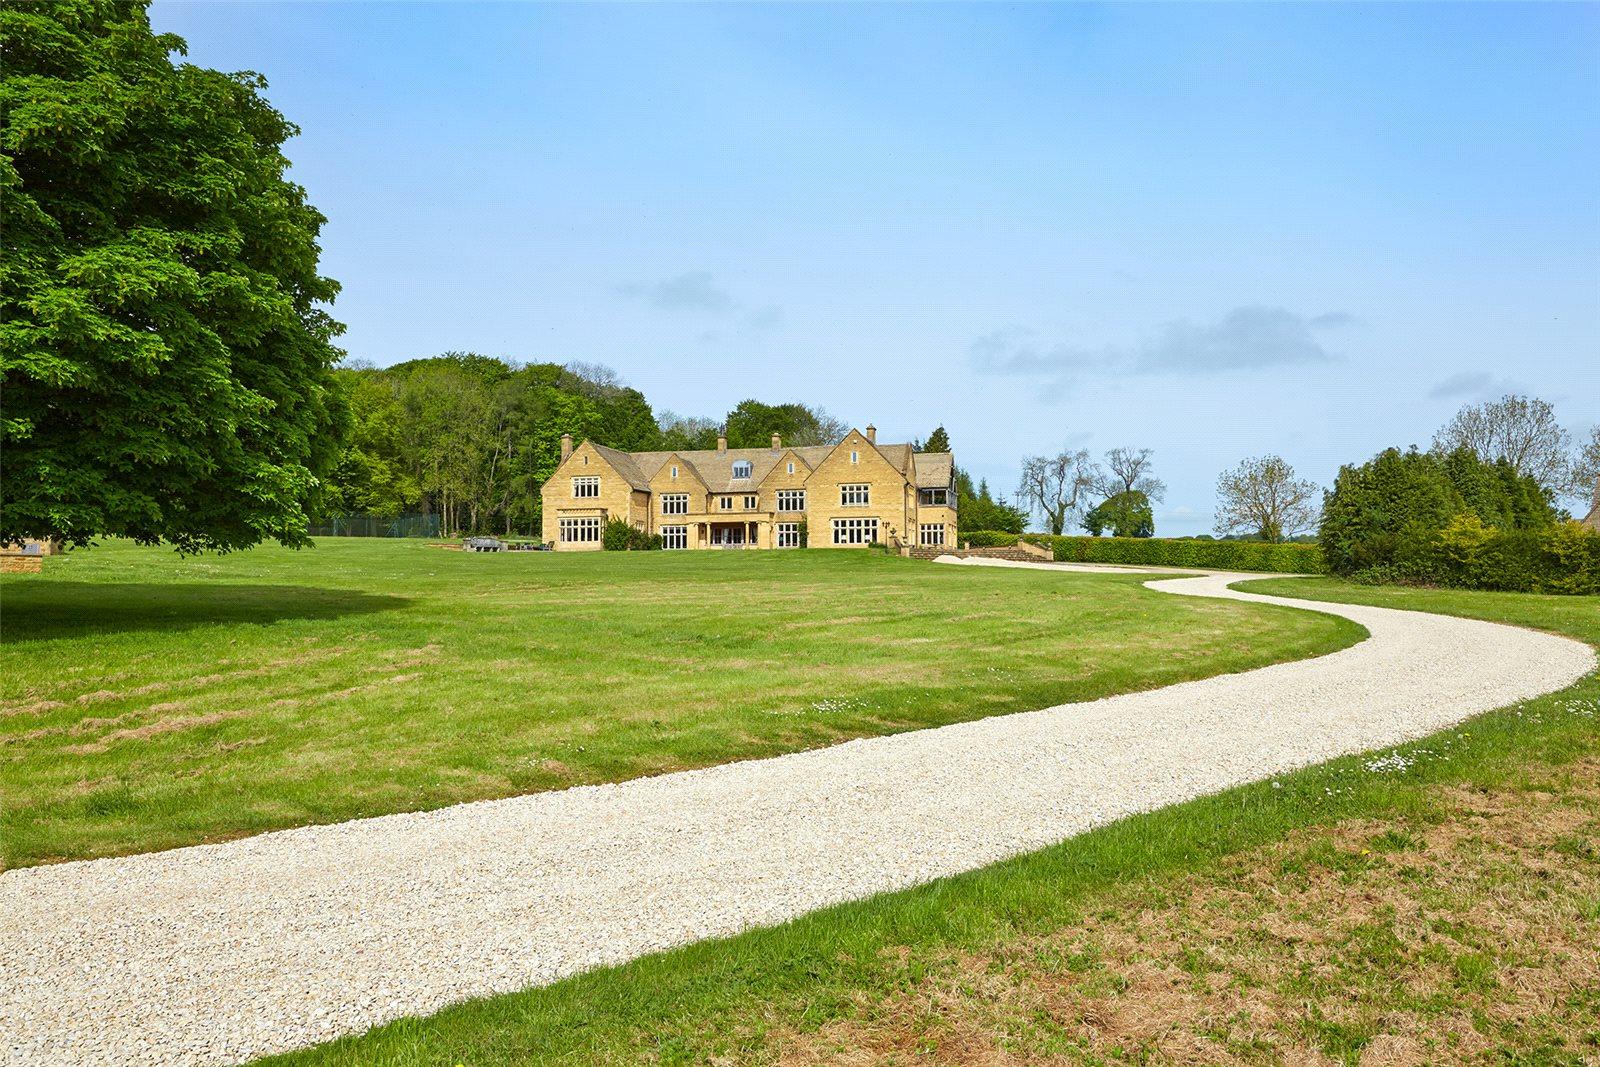 独户住宅 为 销售 在 Ganborough Road, Longborough, Moreton-in-Marsh, Gloucestershire, GL56 Moreton In Marsh, 英格兰